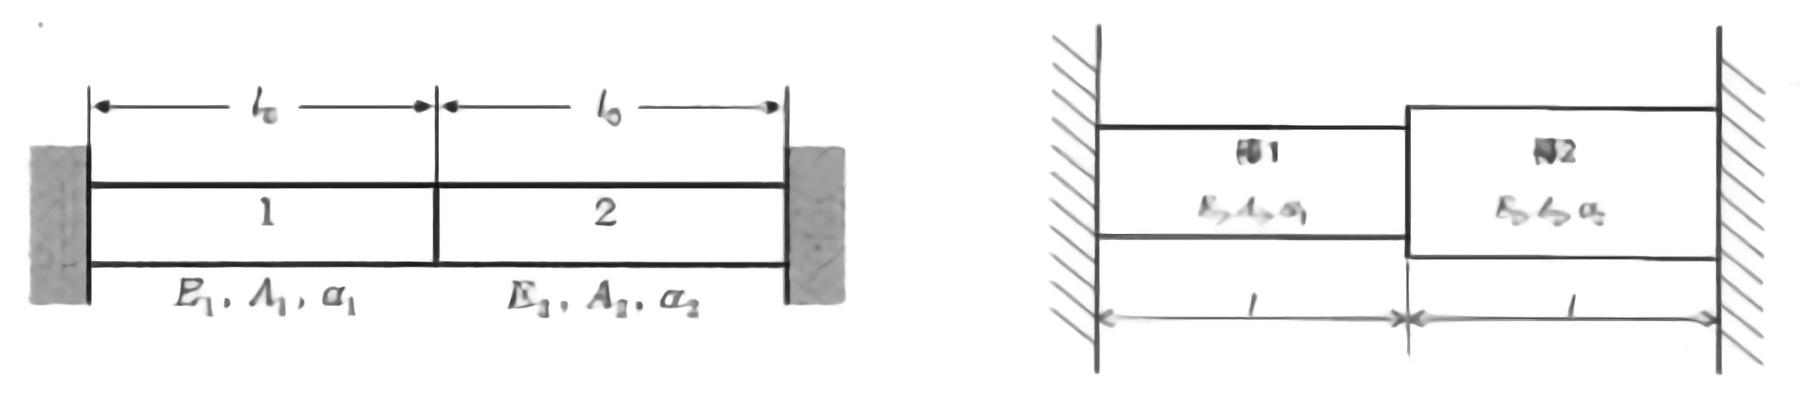 4. 300x67CUnetnoise scaleLevel0x6.000000 - 1 材料力学/問題3 専門科目 機械部門/技術士第一次試験